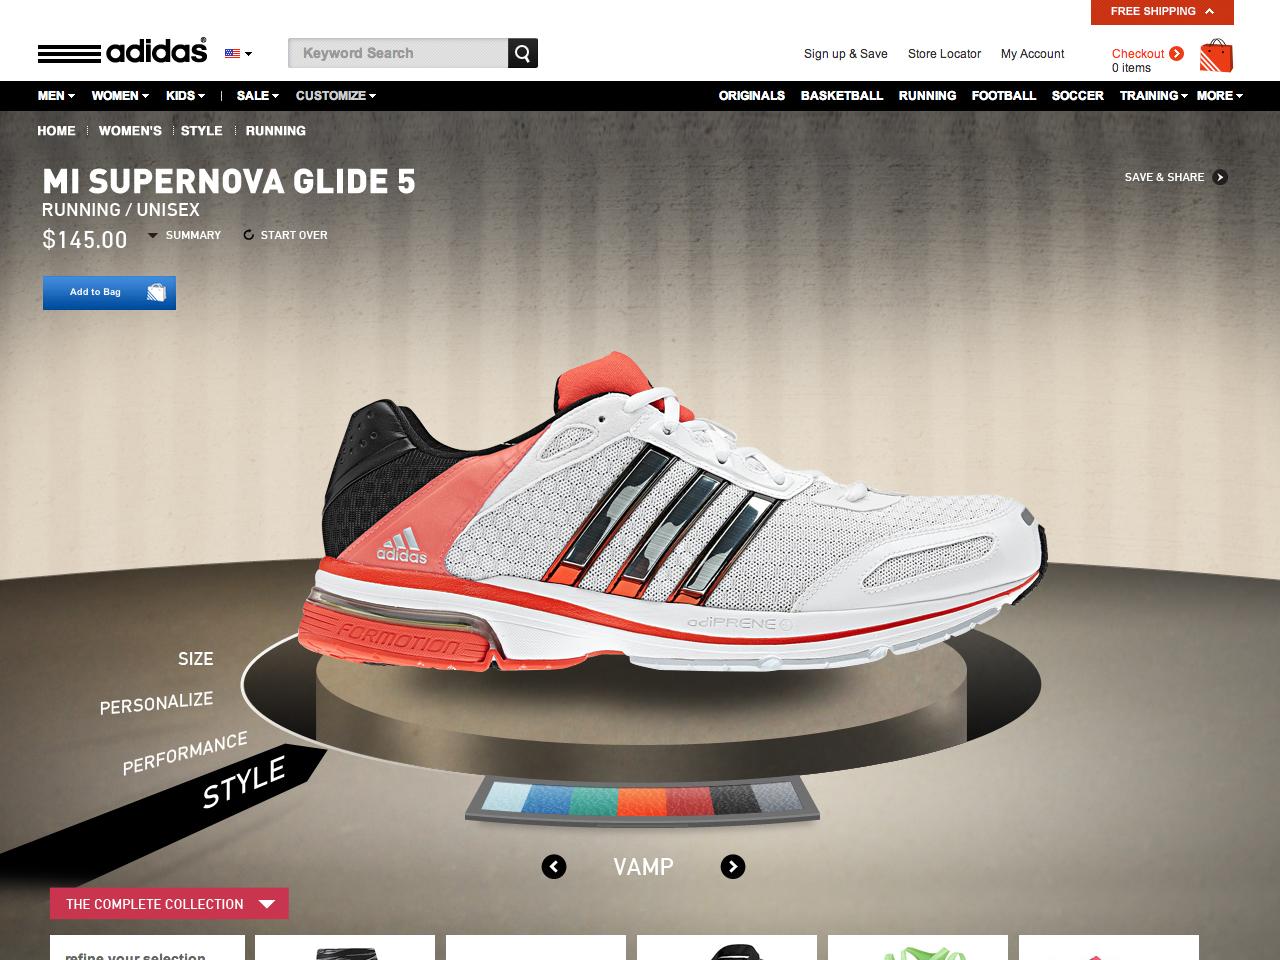 adidas_running_config_03.jpg